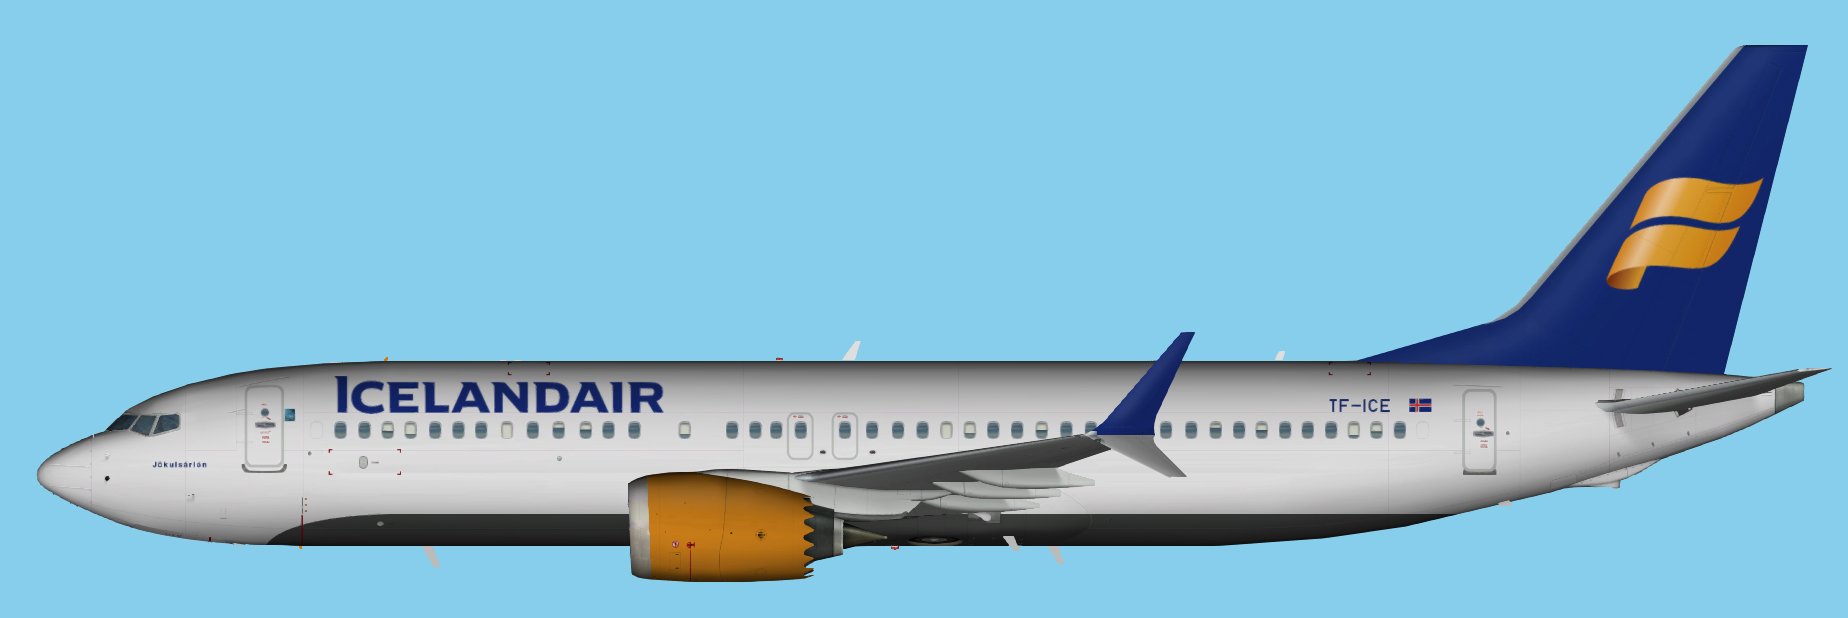 737 Max Fsx